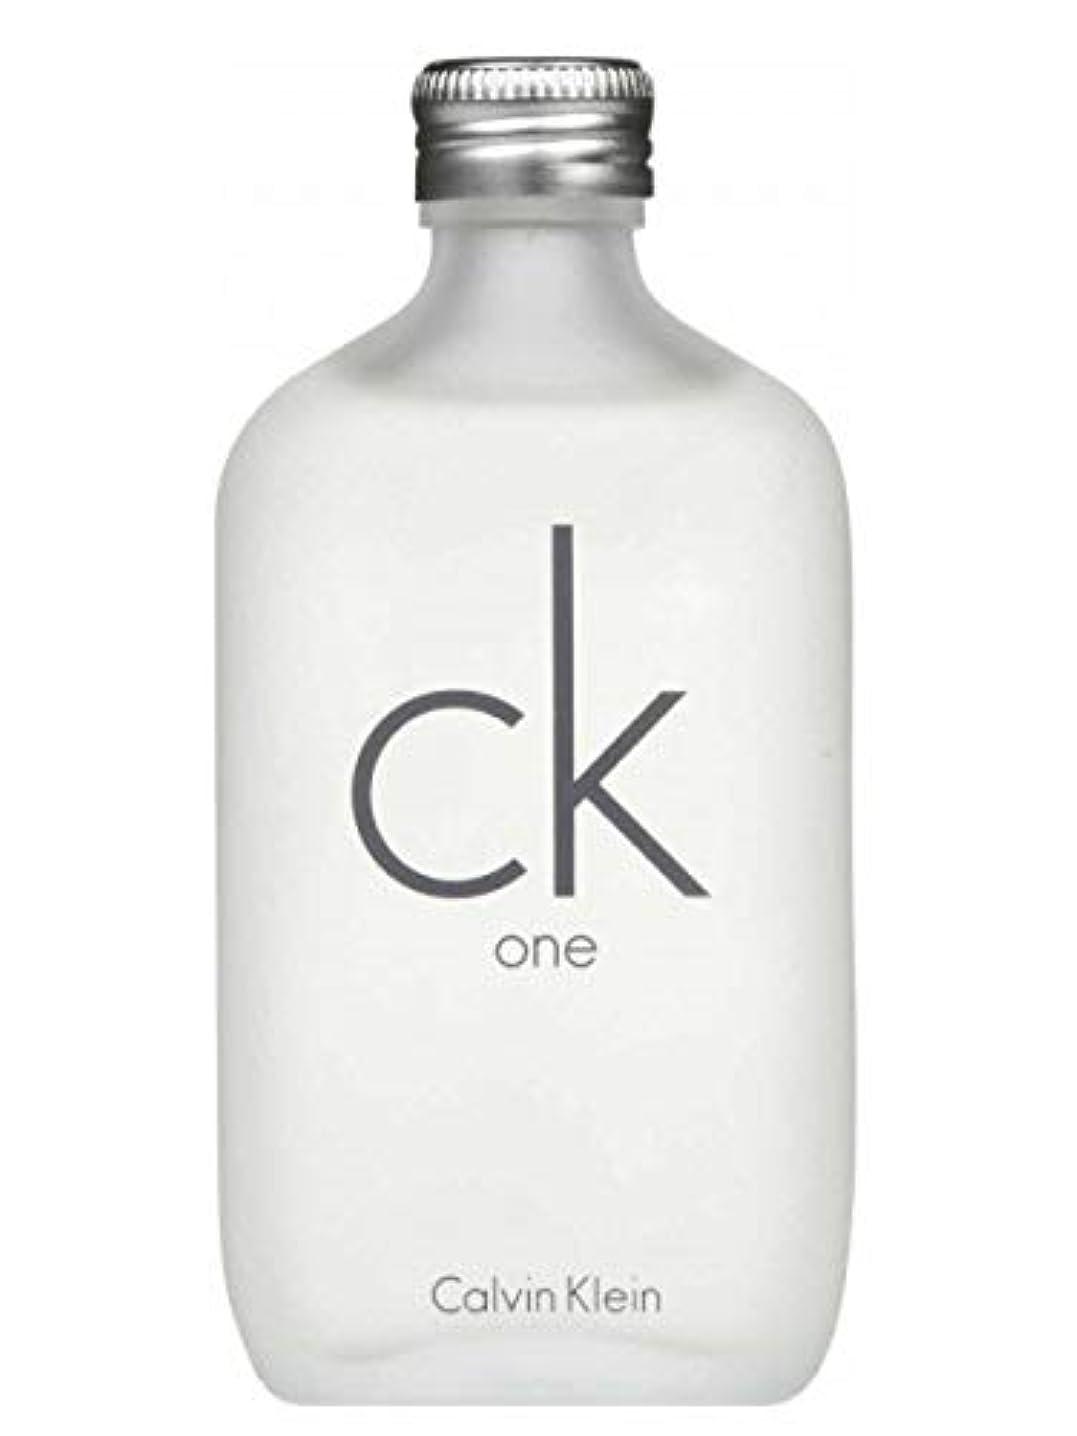 りんごワインしなやかカルバン クライン 香水 シーケーワン (CK ONE) EDT SP 100ml 【並行輸入品】